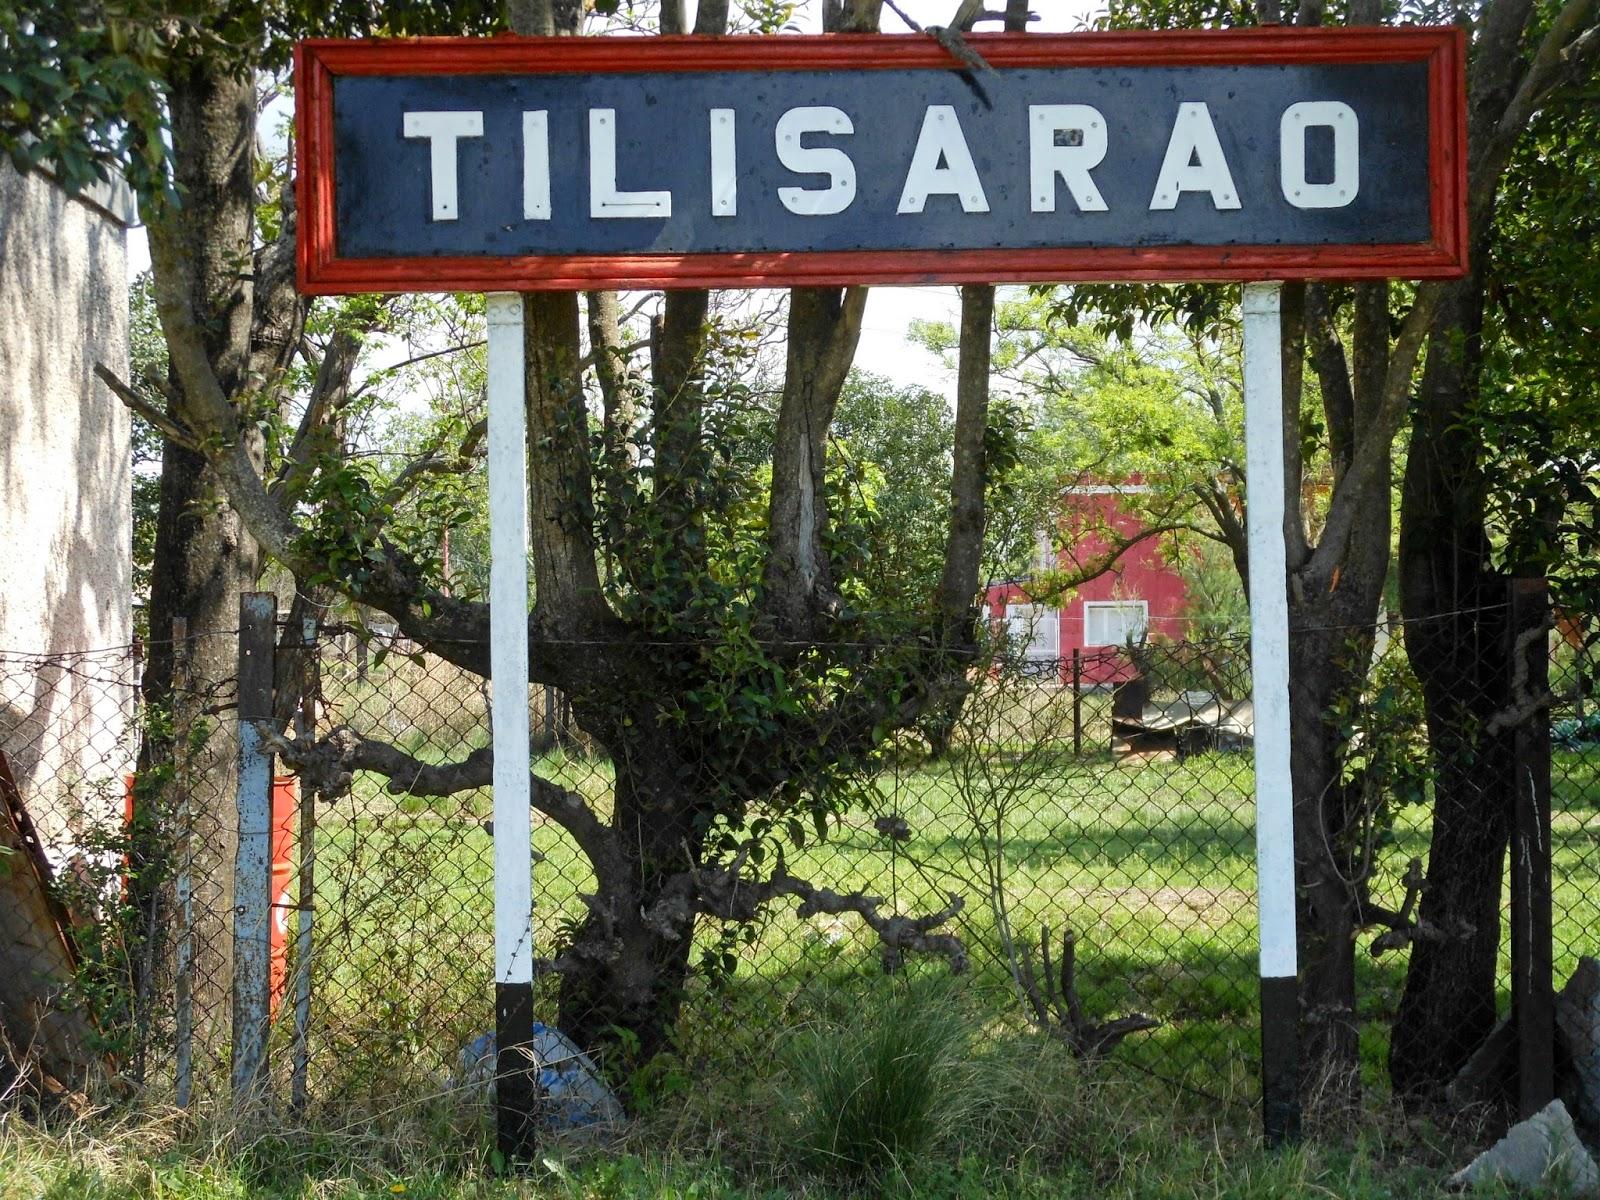 ARQUEOLOGÍA FERROVIARIA: Estación Tilisarao (FCA), San Luis, Argentina